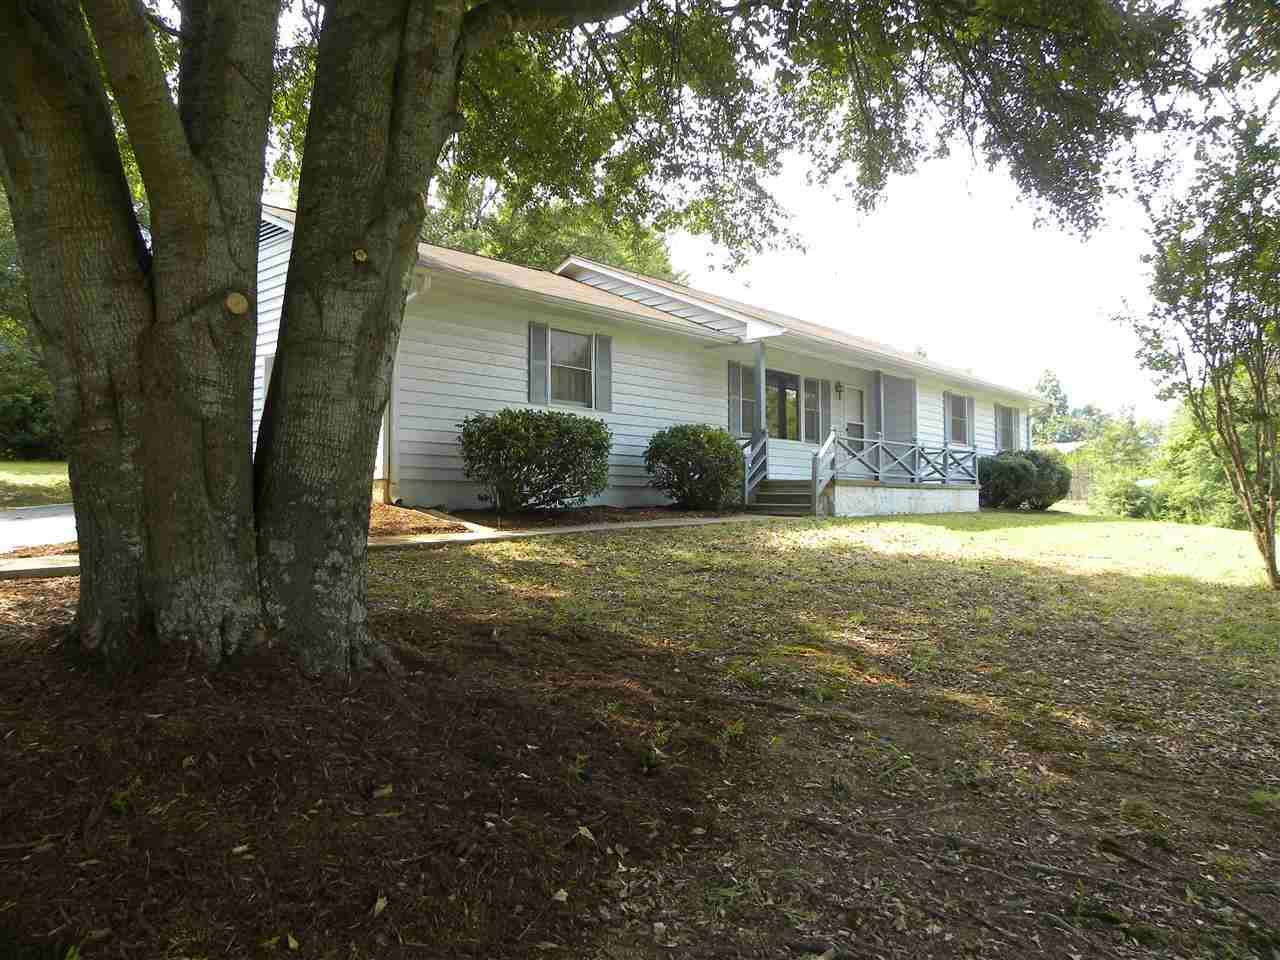 Real Estate for Sale, ListingId: 29276149, West Union,SC29696